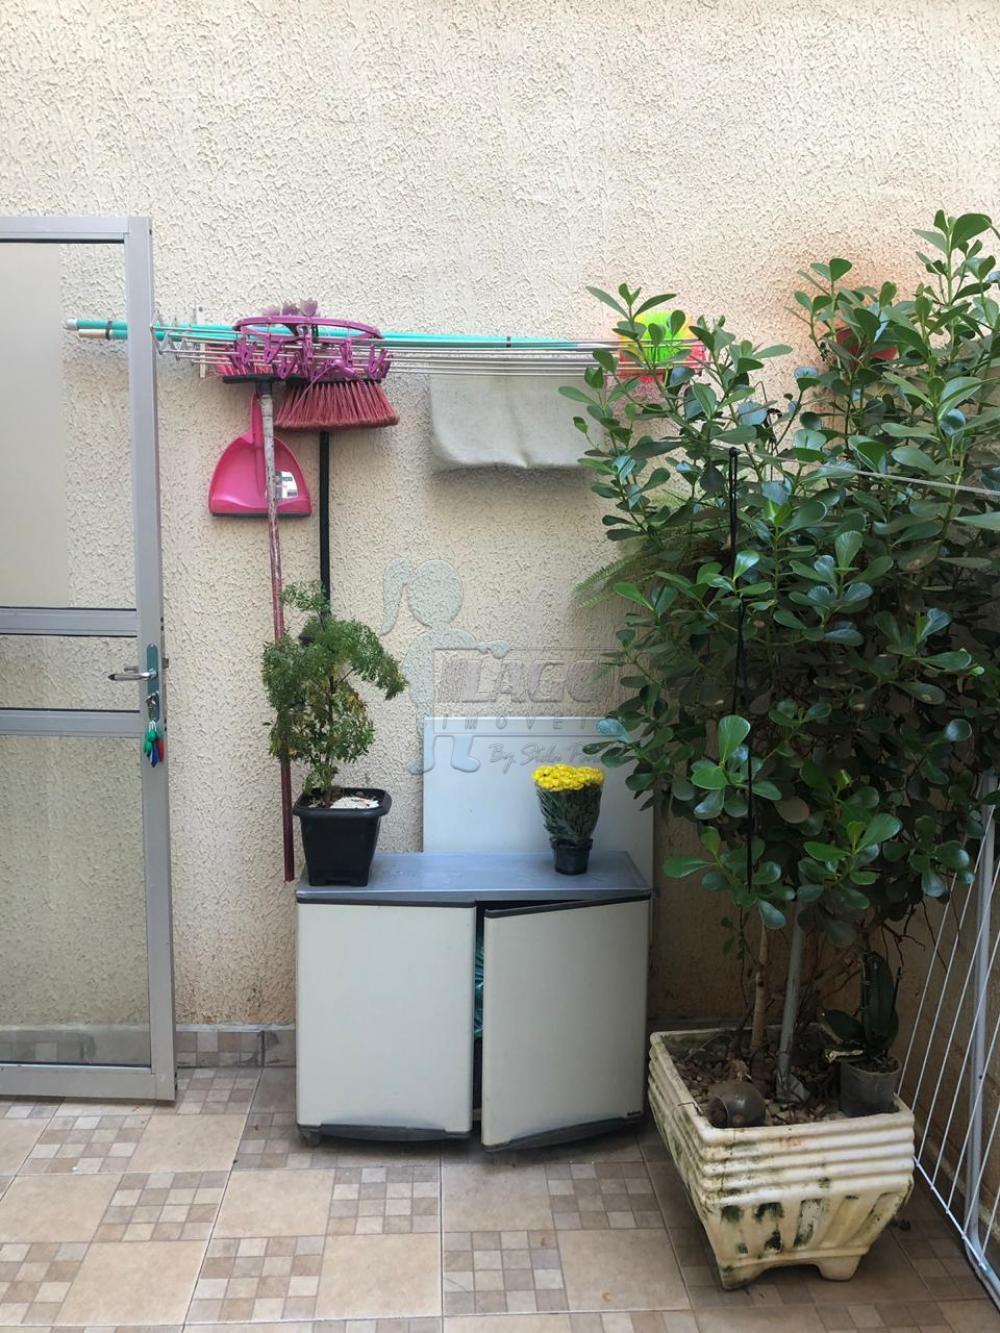 Comprar Apartamento / Padrão em Ribeirão Preto apenas R$ 175.000,00 - Foto 11